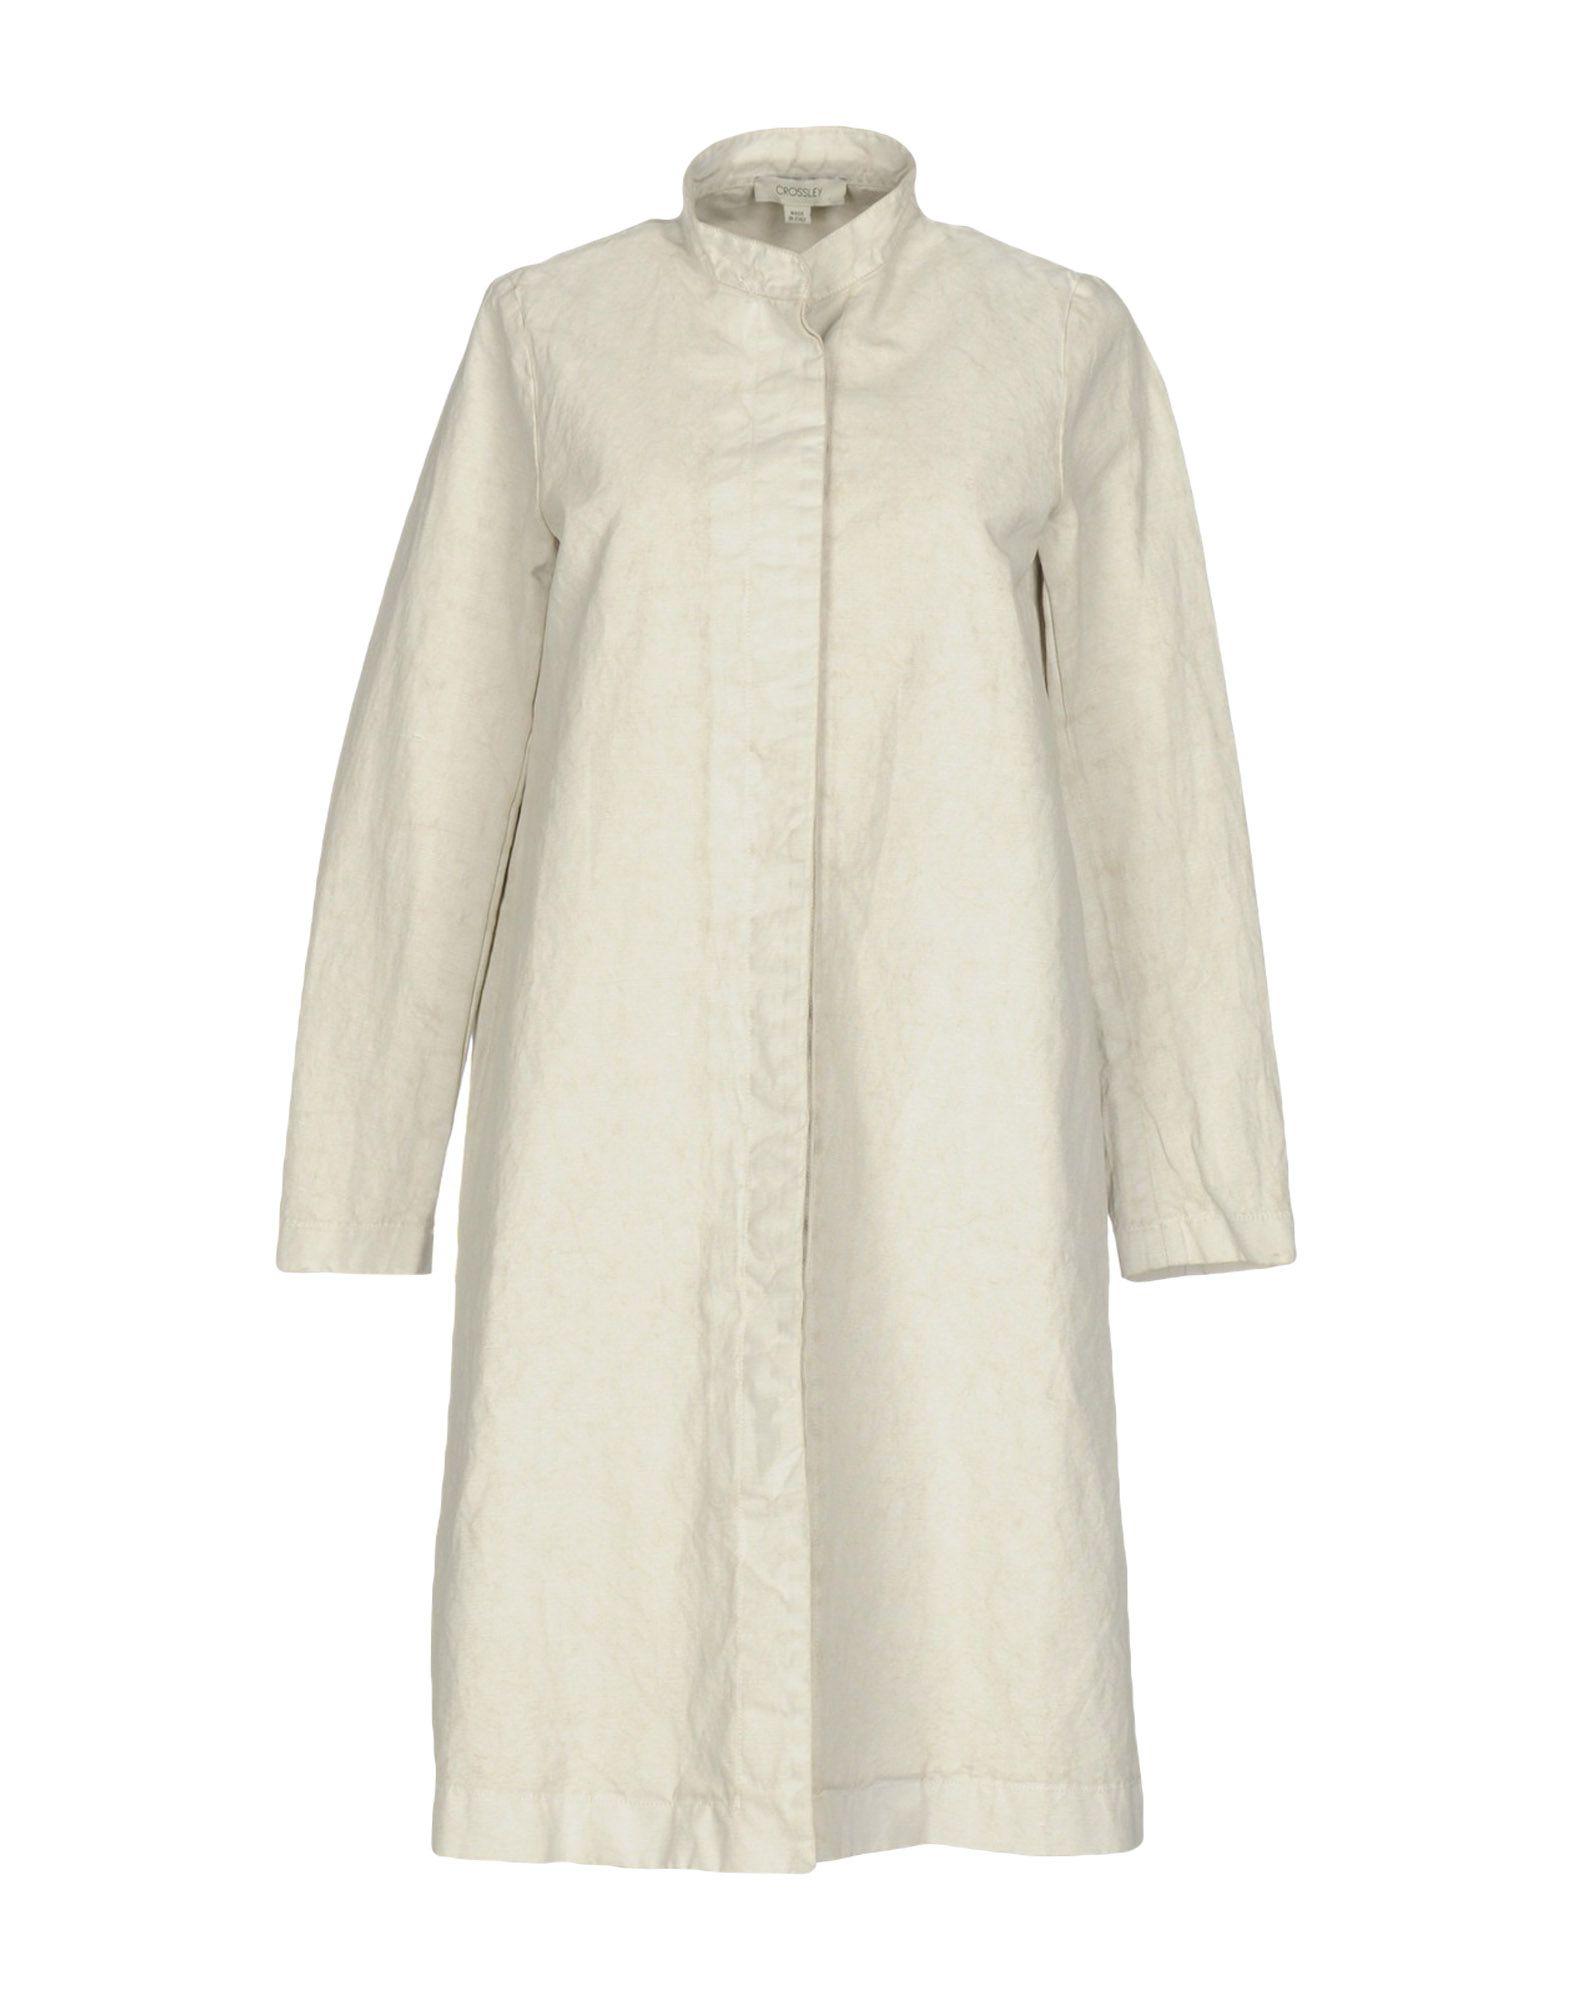 CROSSLEY Damen Lange Jacke Farbe Hellgrau Größe 3